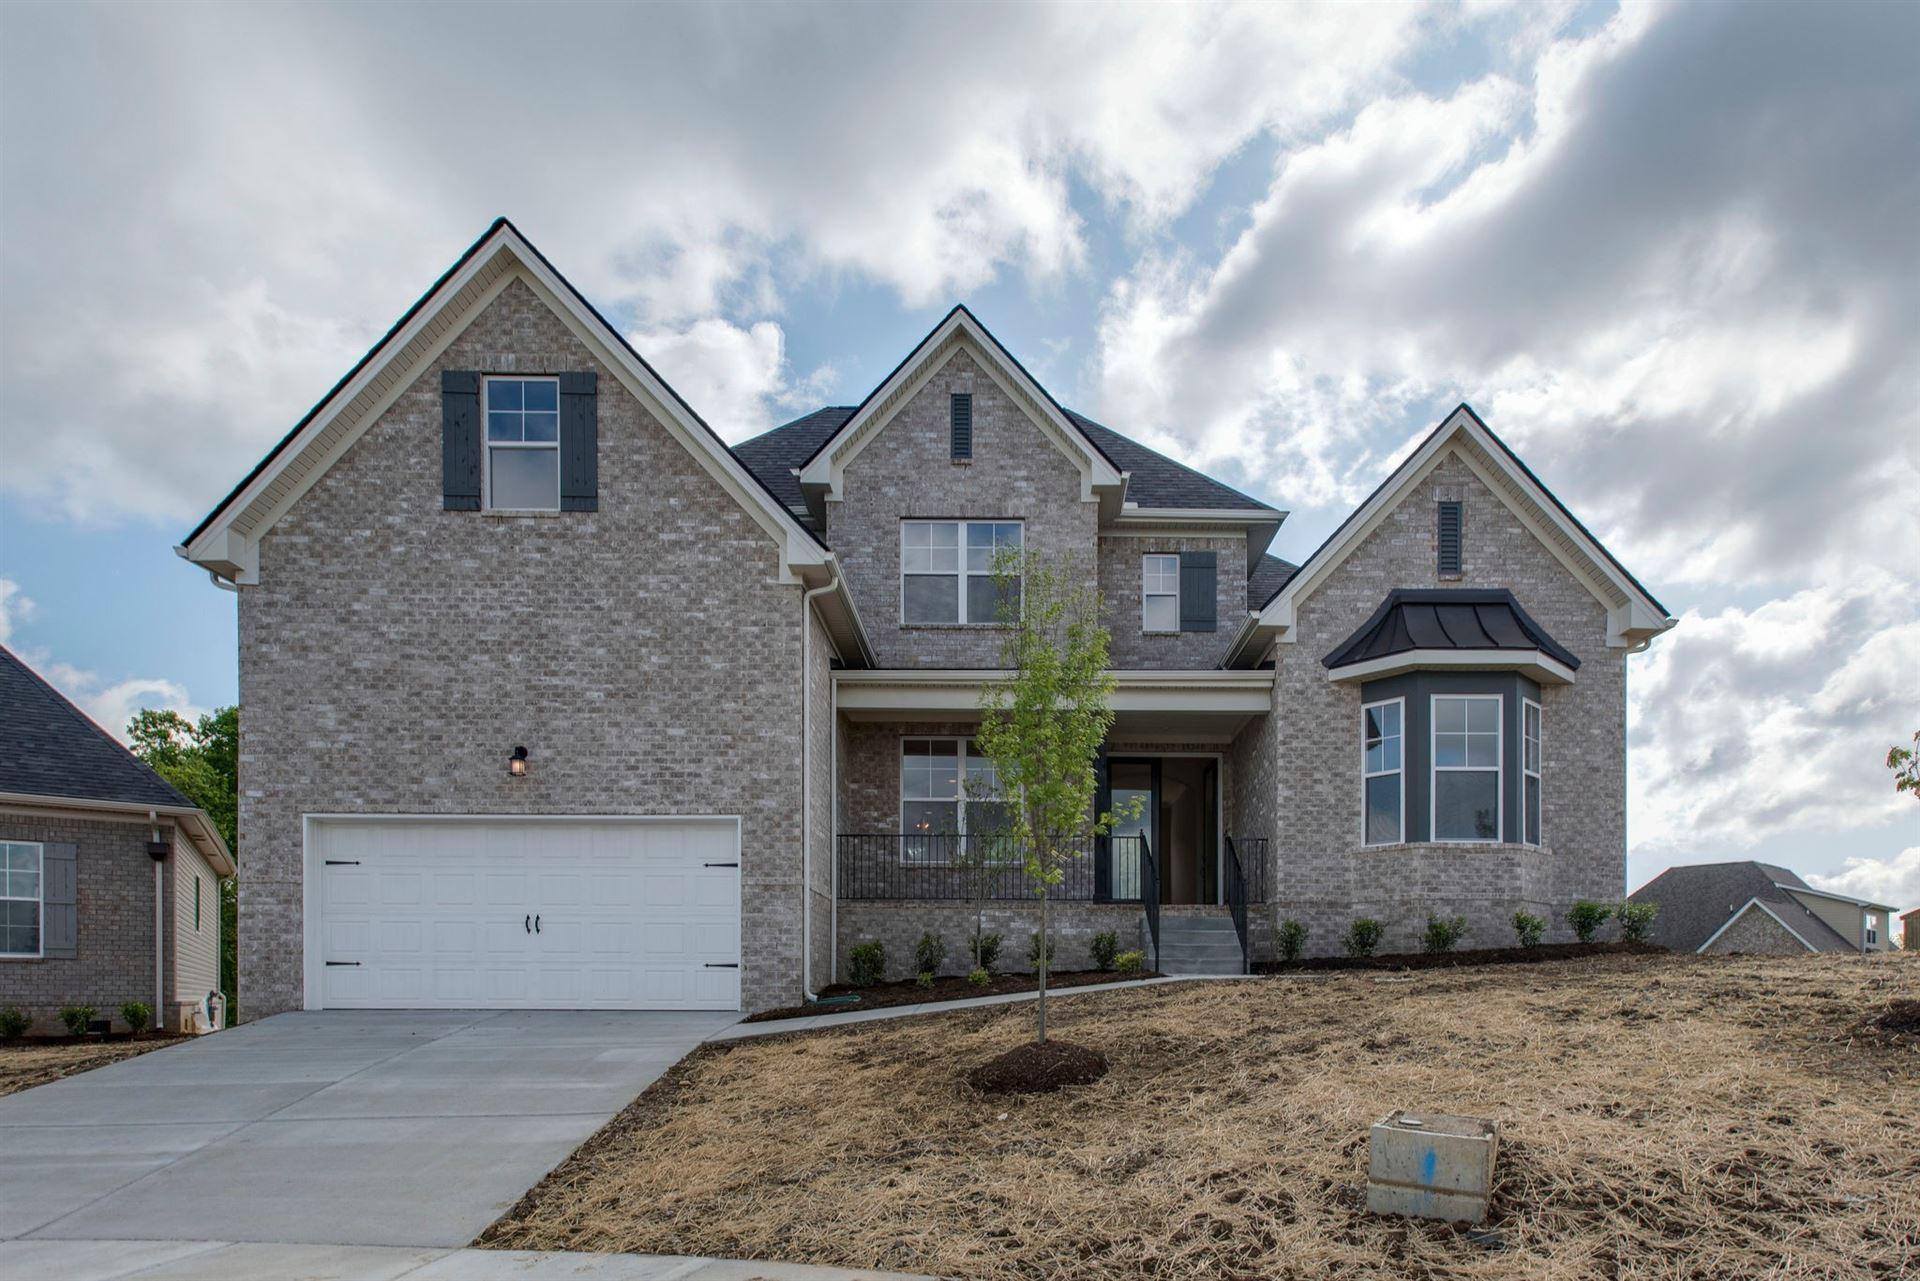 Photo of 7106 Big Oak Lane, Nolensville, TN 37135 (MLS # 2205873)